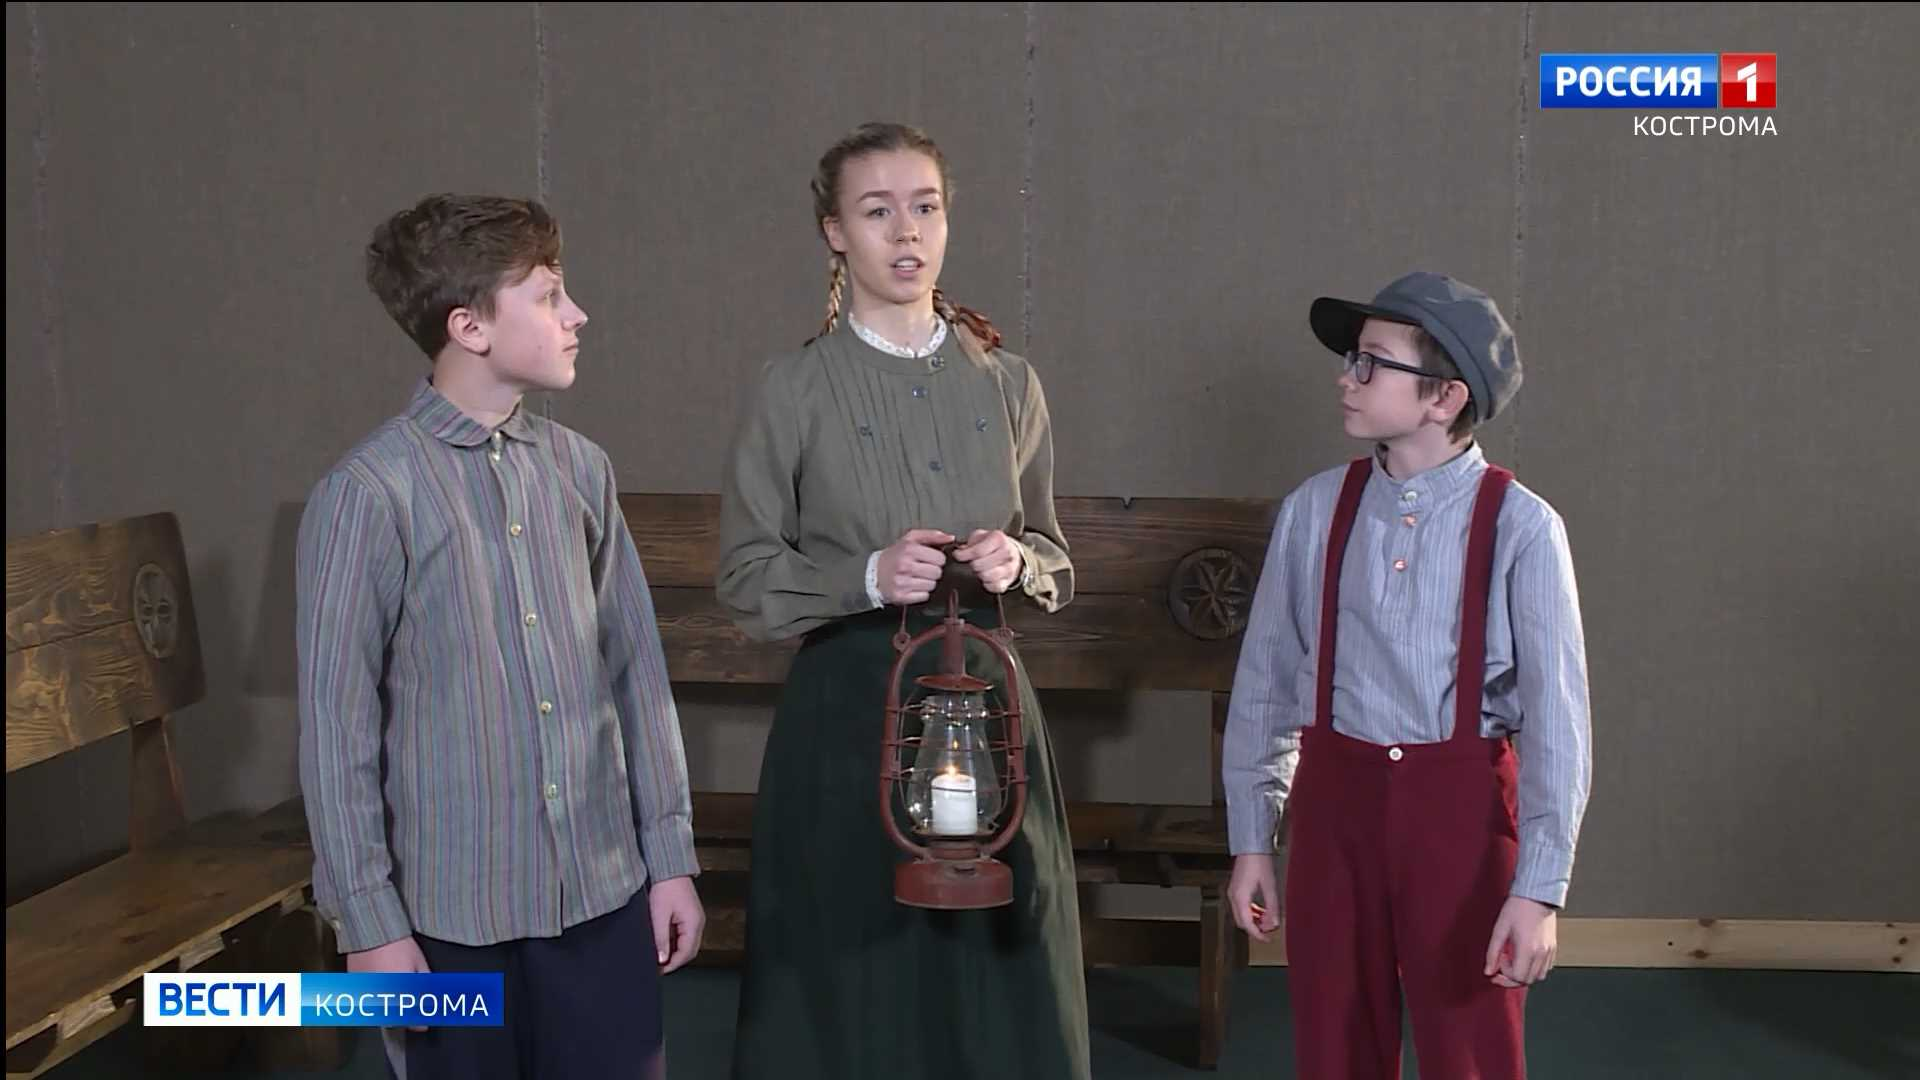 Юные костромские артисты вживаются в роли детей войны